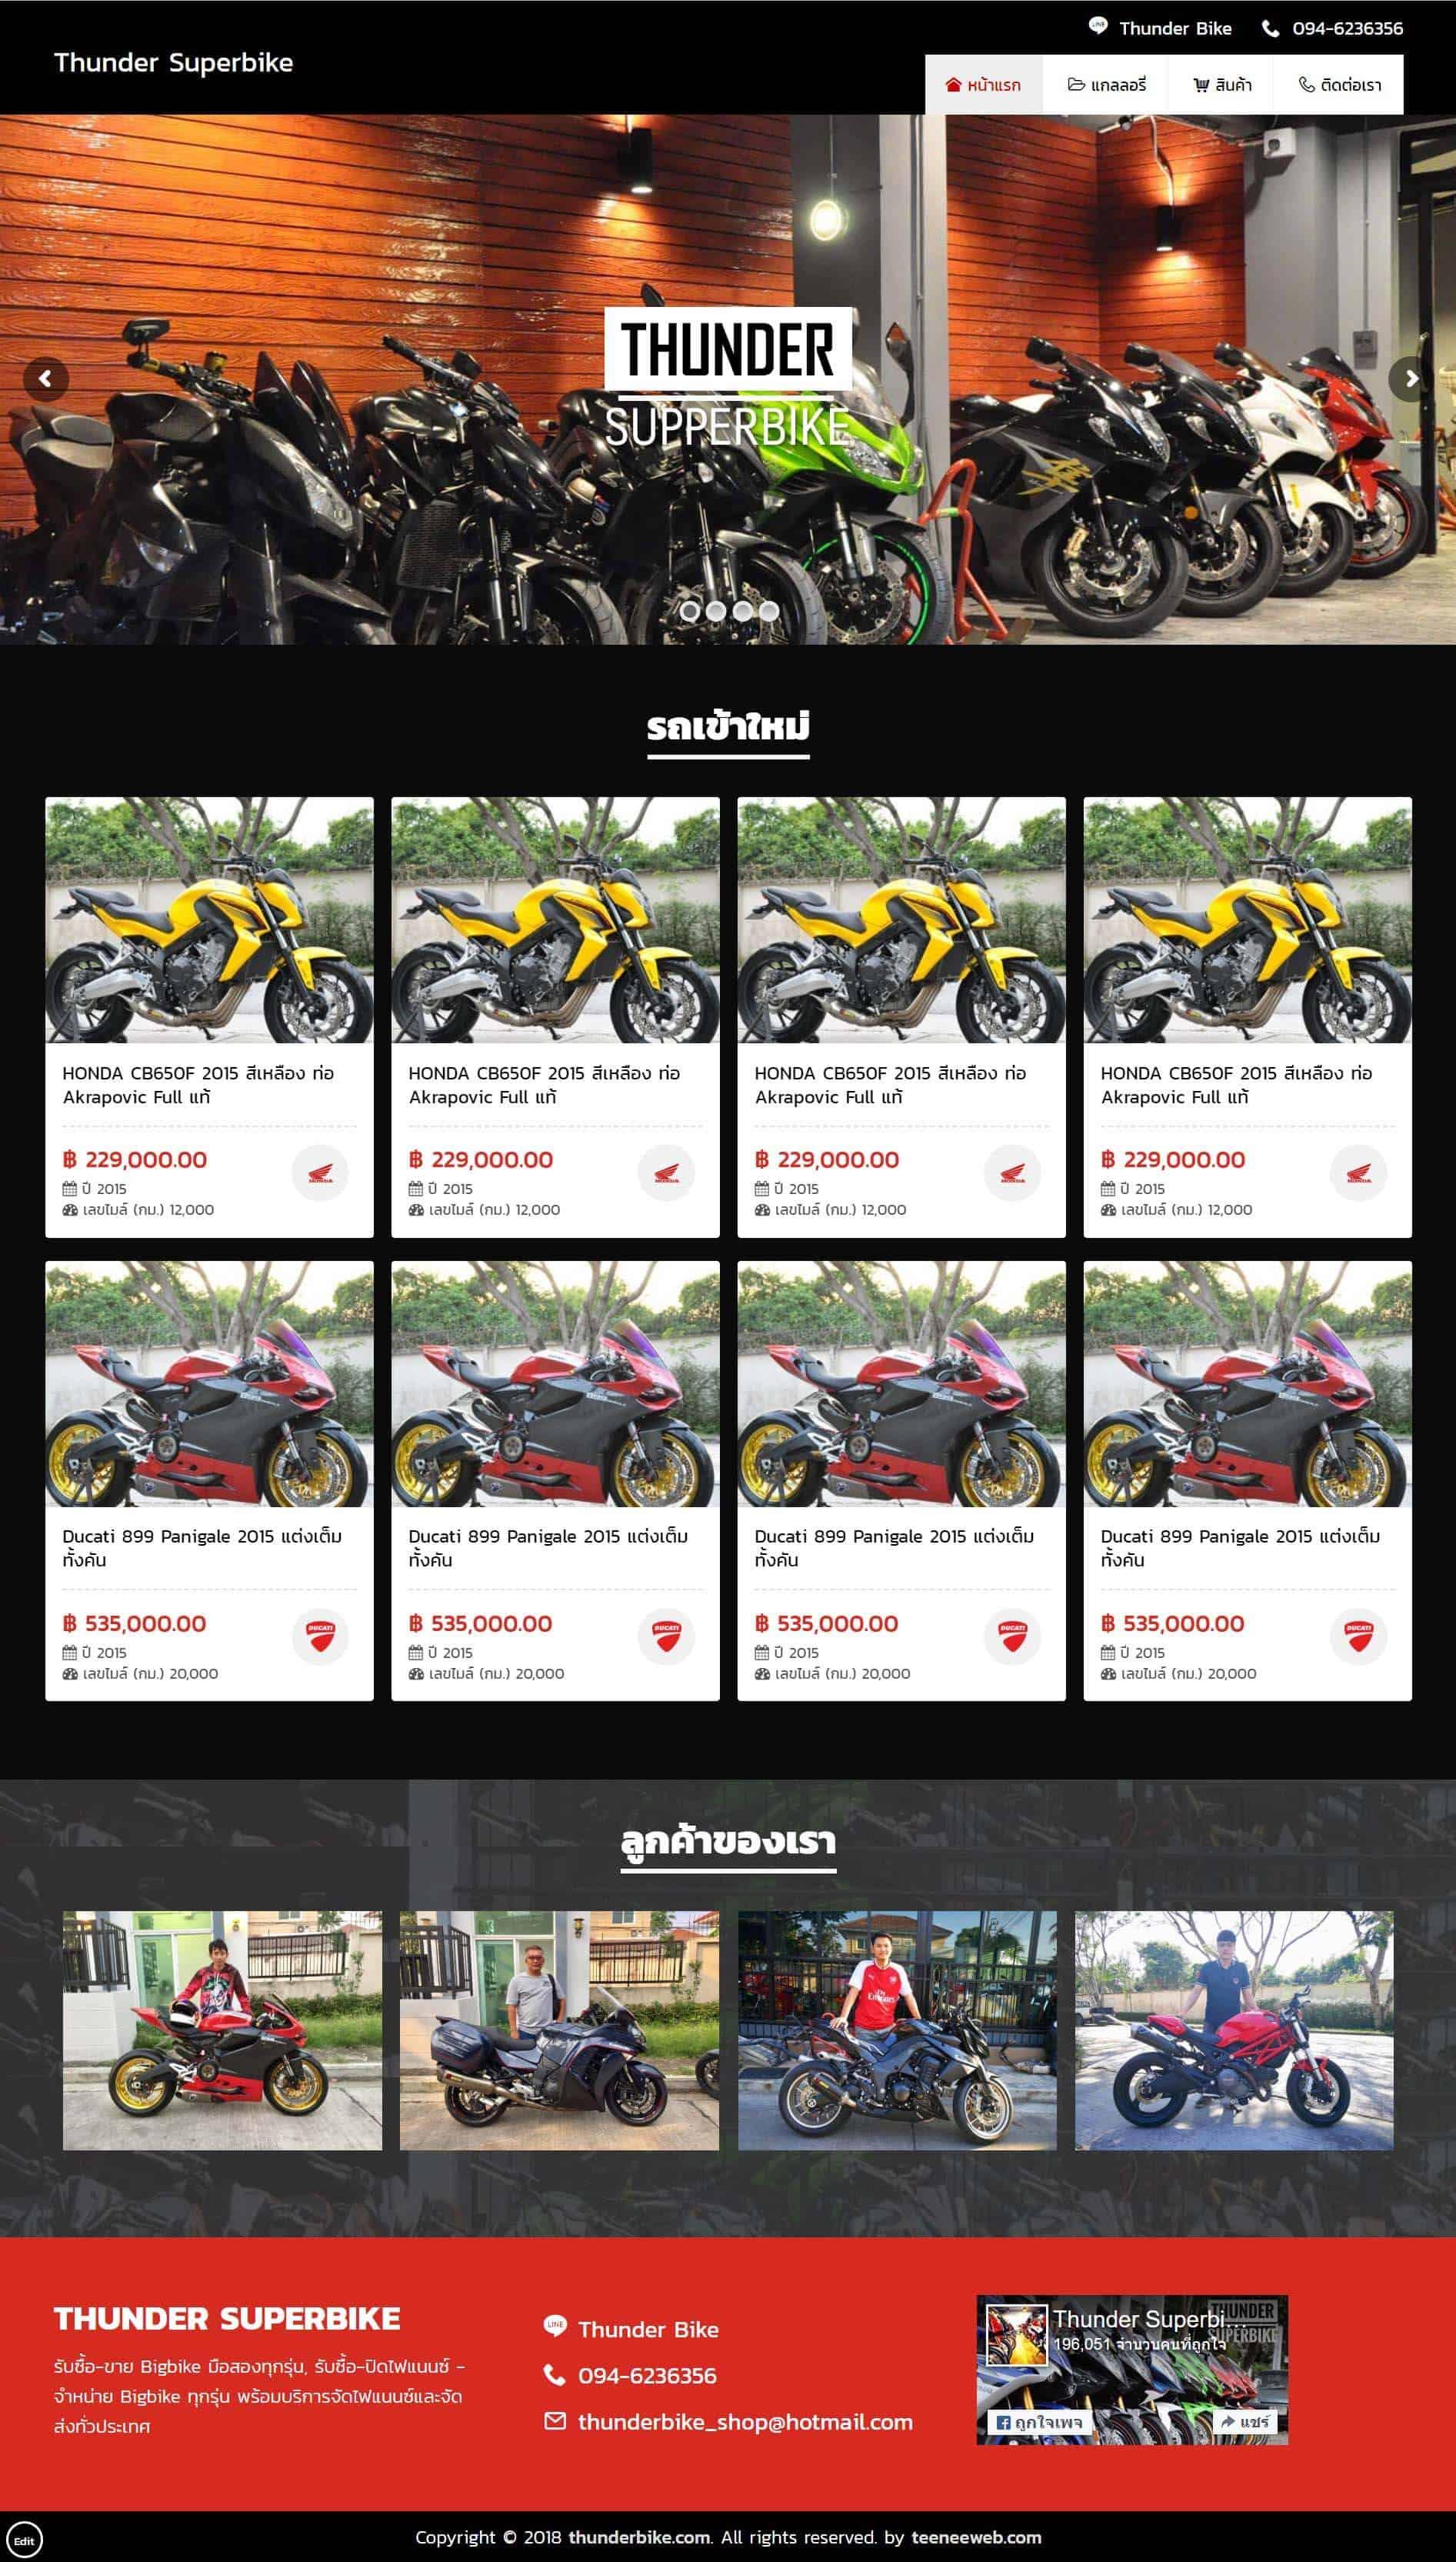 ร้าน Bigbike | บริการรับทำเว็บไซต์ ออกแบบเว็บไซต์ teeneeweb.com